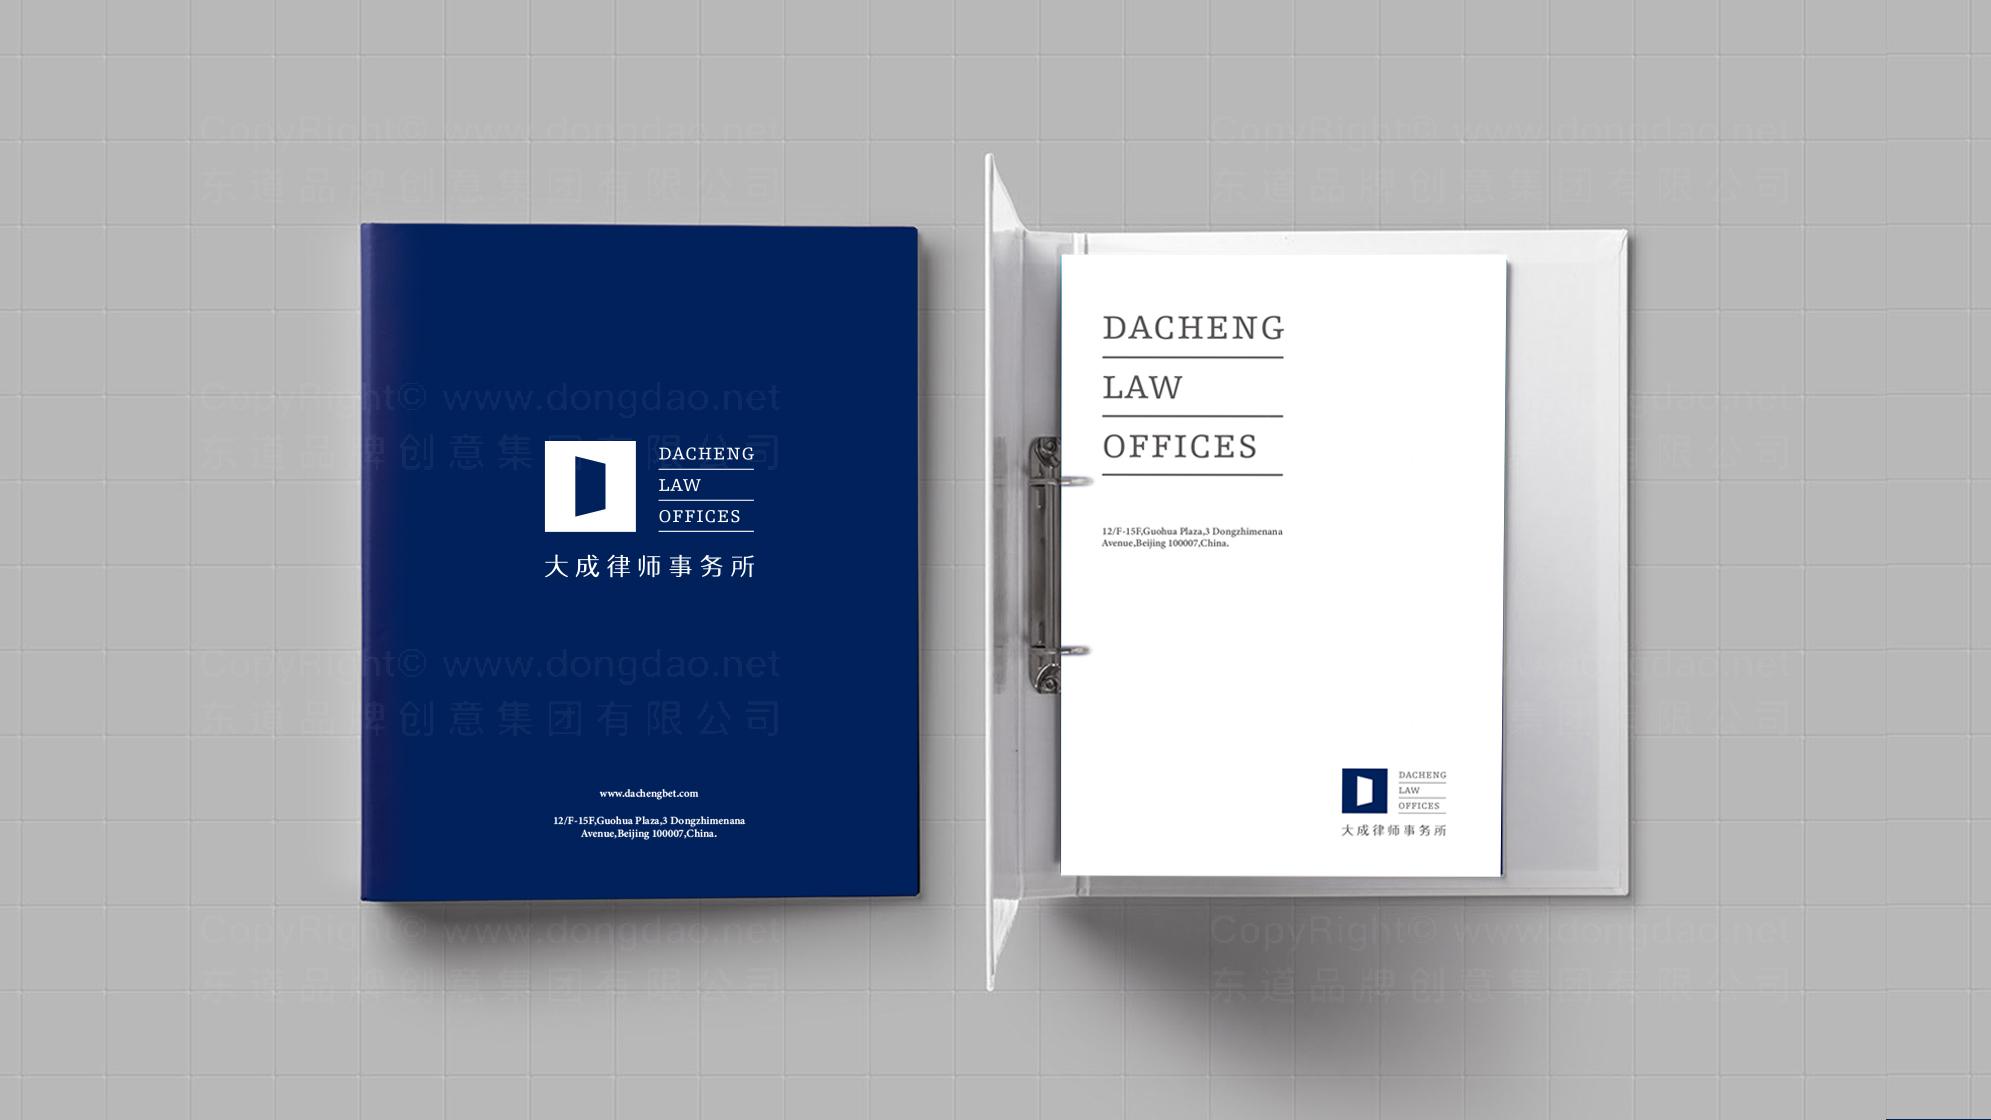 品牌设计大成律师事务所标志设计应用场景_2